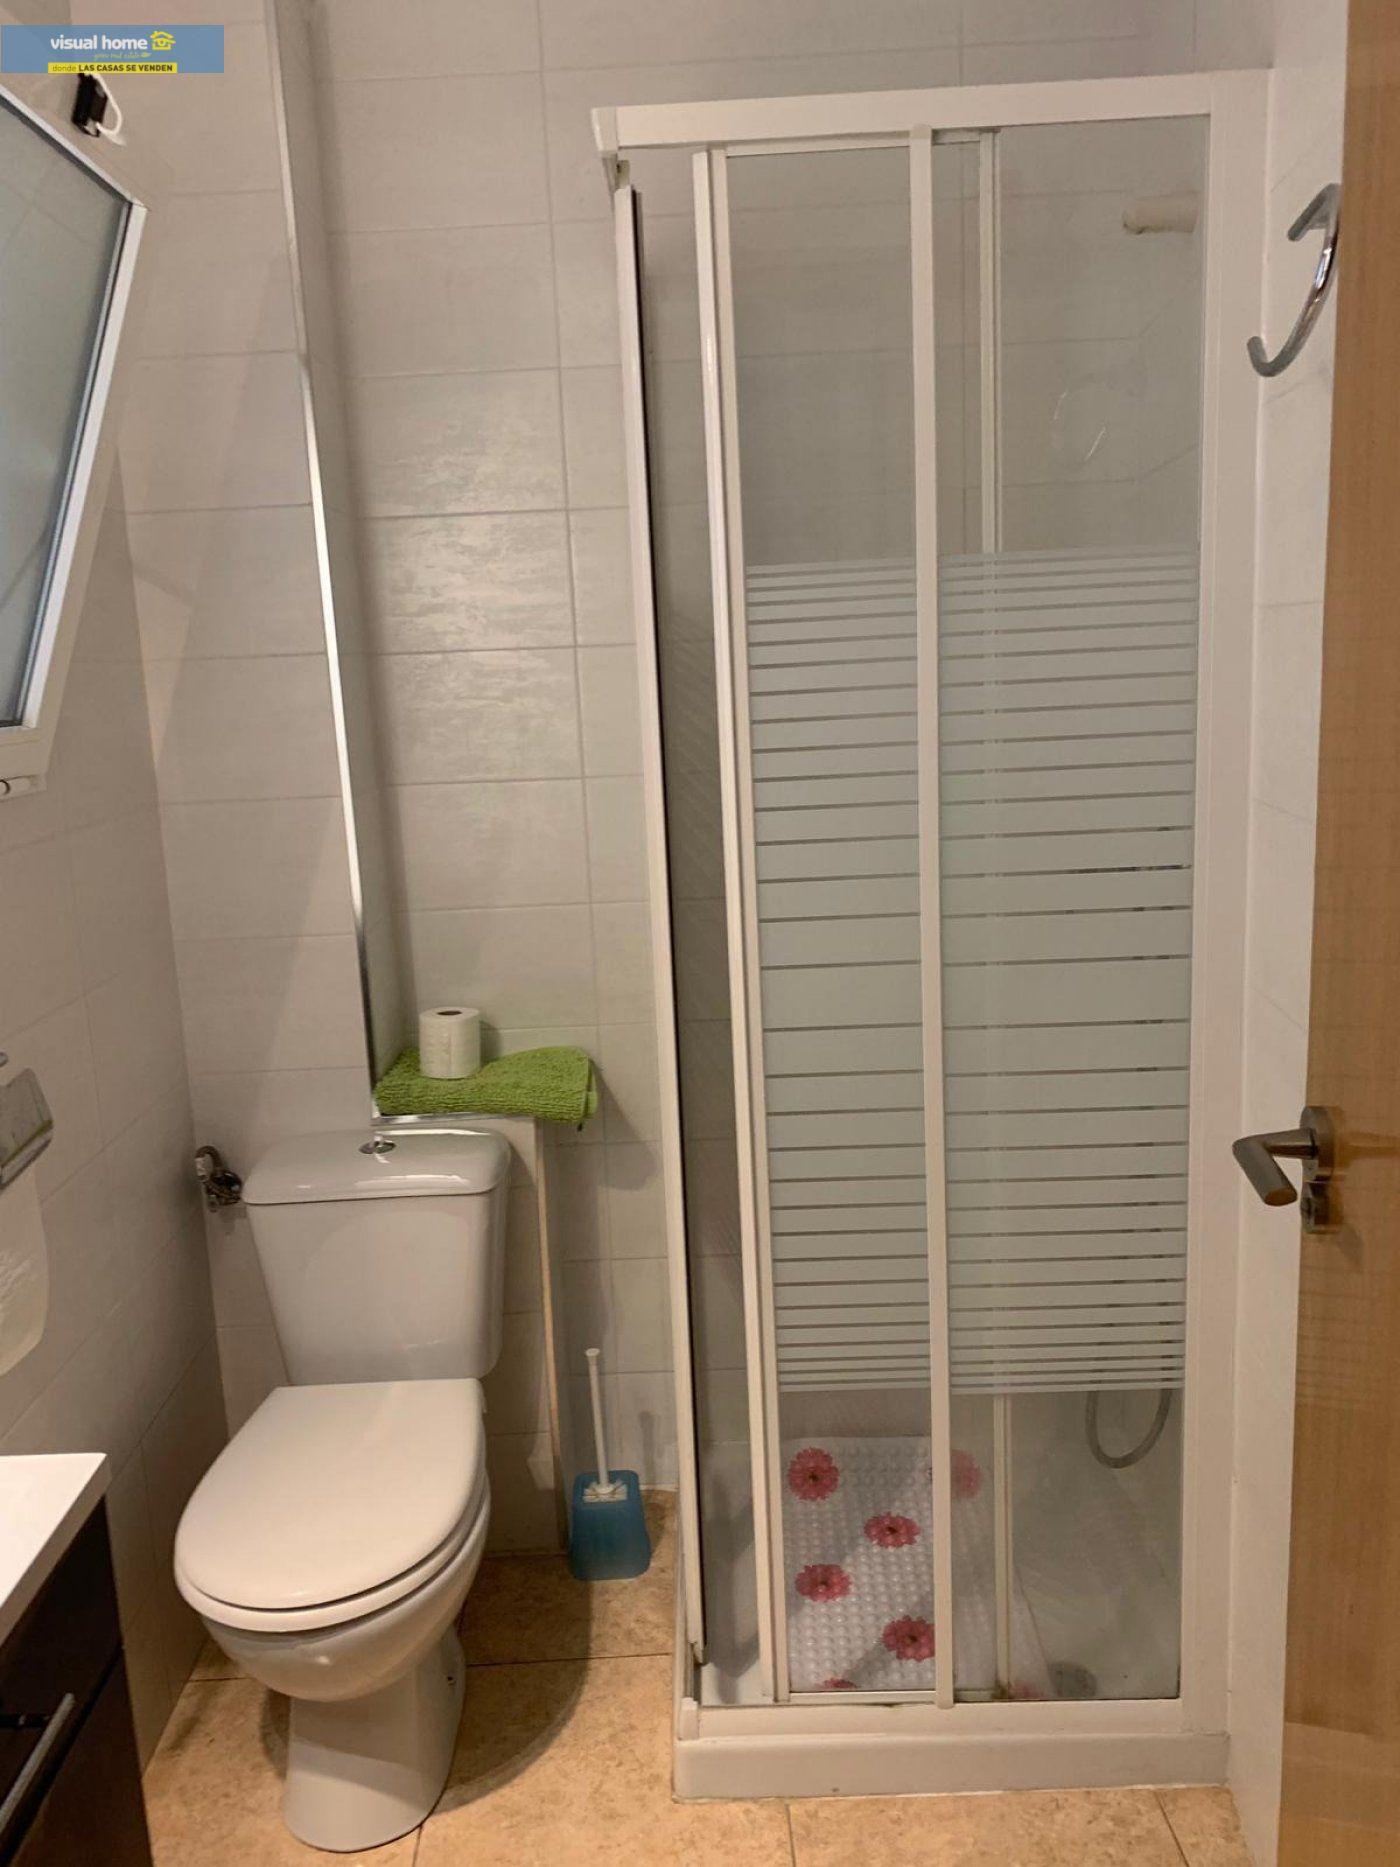 Espectacular apartamento de 2 dormitorios, 2 baños con parking en 1ª línea playa de Levante 21